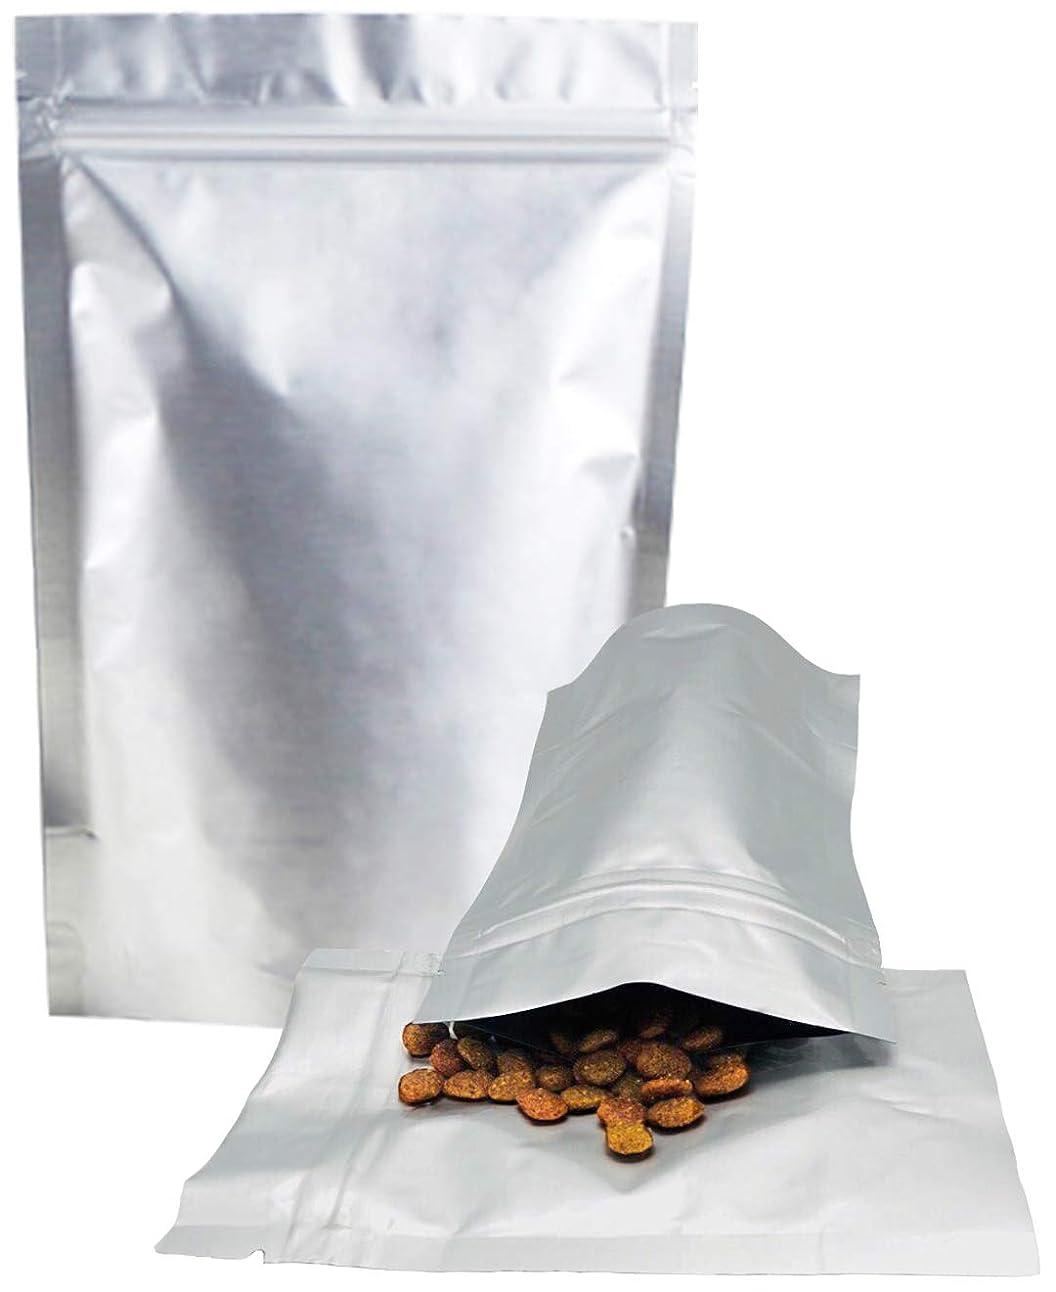 ベーコン病者グレード3world 業務用 アルミ ジップ袋 遮光 遮断 防湿 小分け 保存袋 スタンディングタイプ SW1382-14x19cm-小30枚